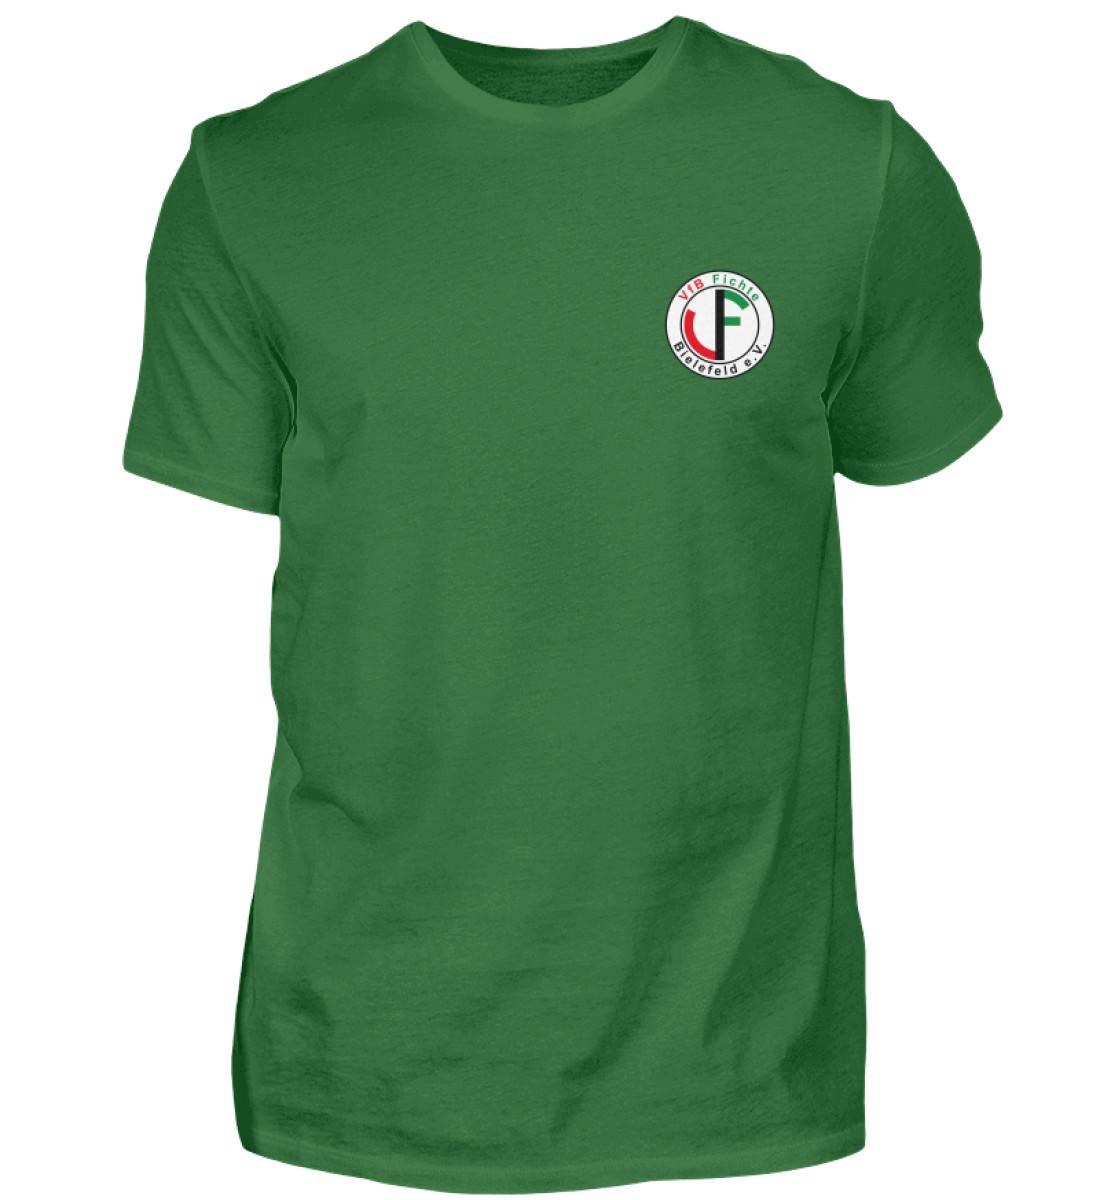 Fichte Bielefeld Logo - Herren Premiumshirt-30